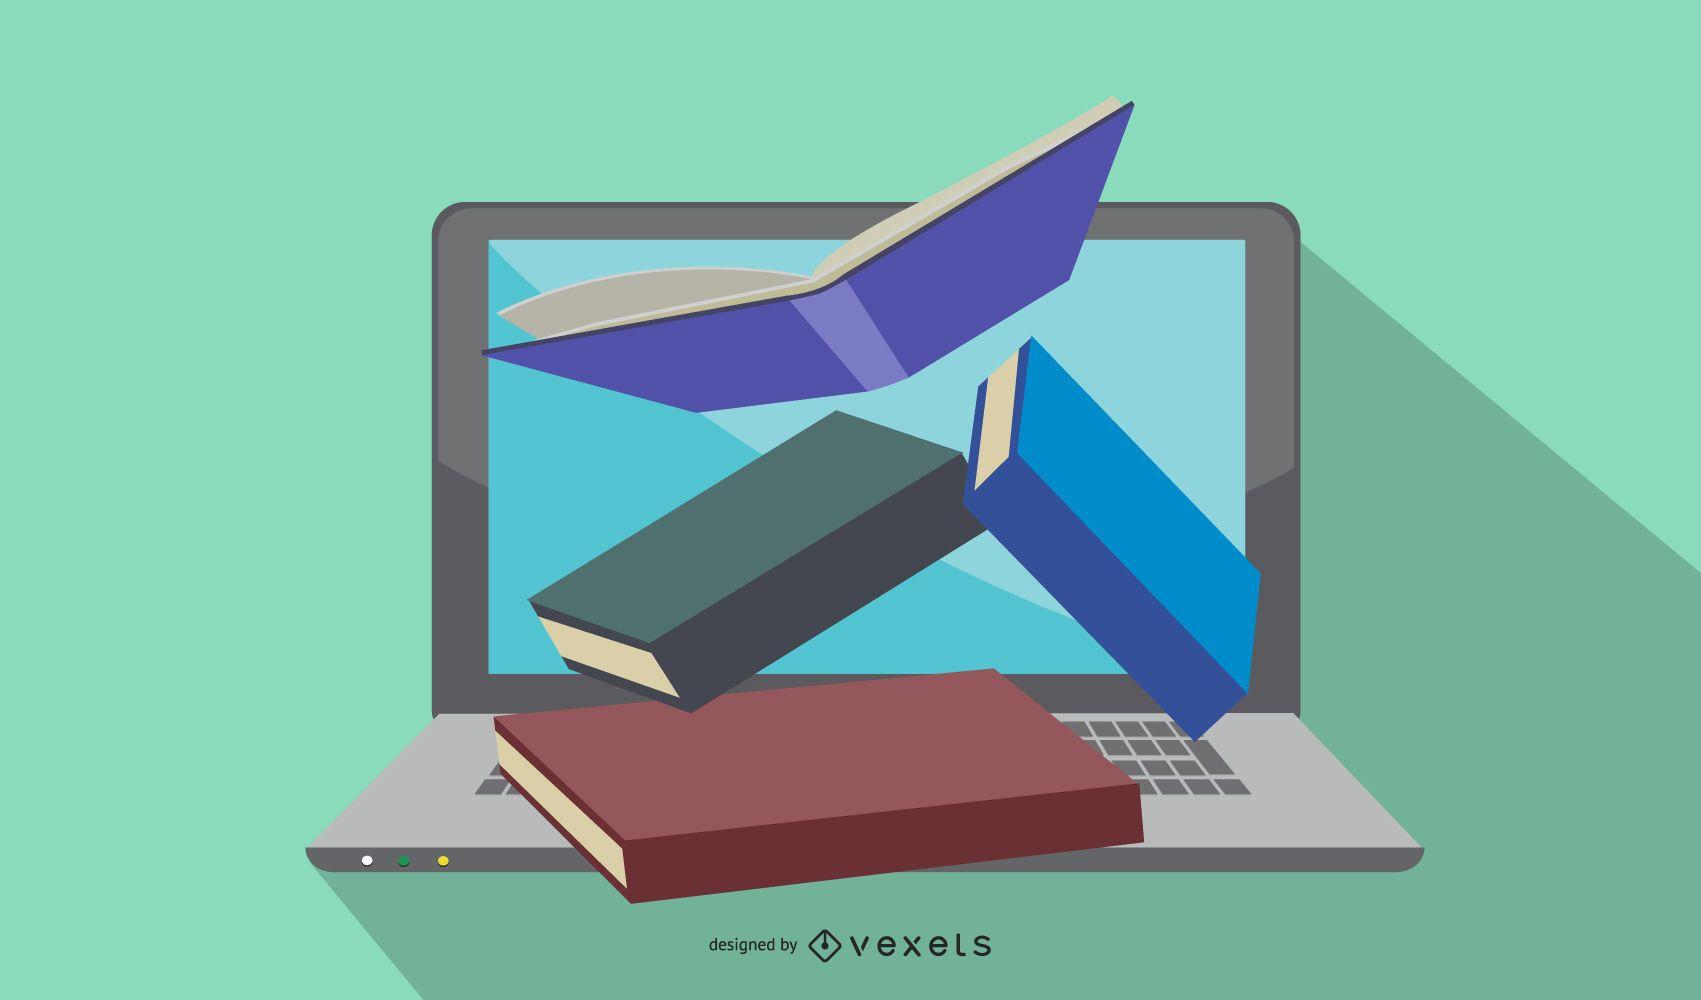 Livros flutuando no laptop aberto